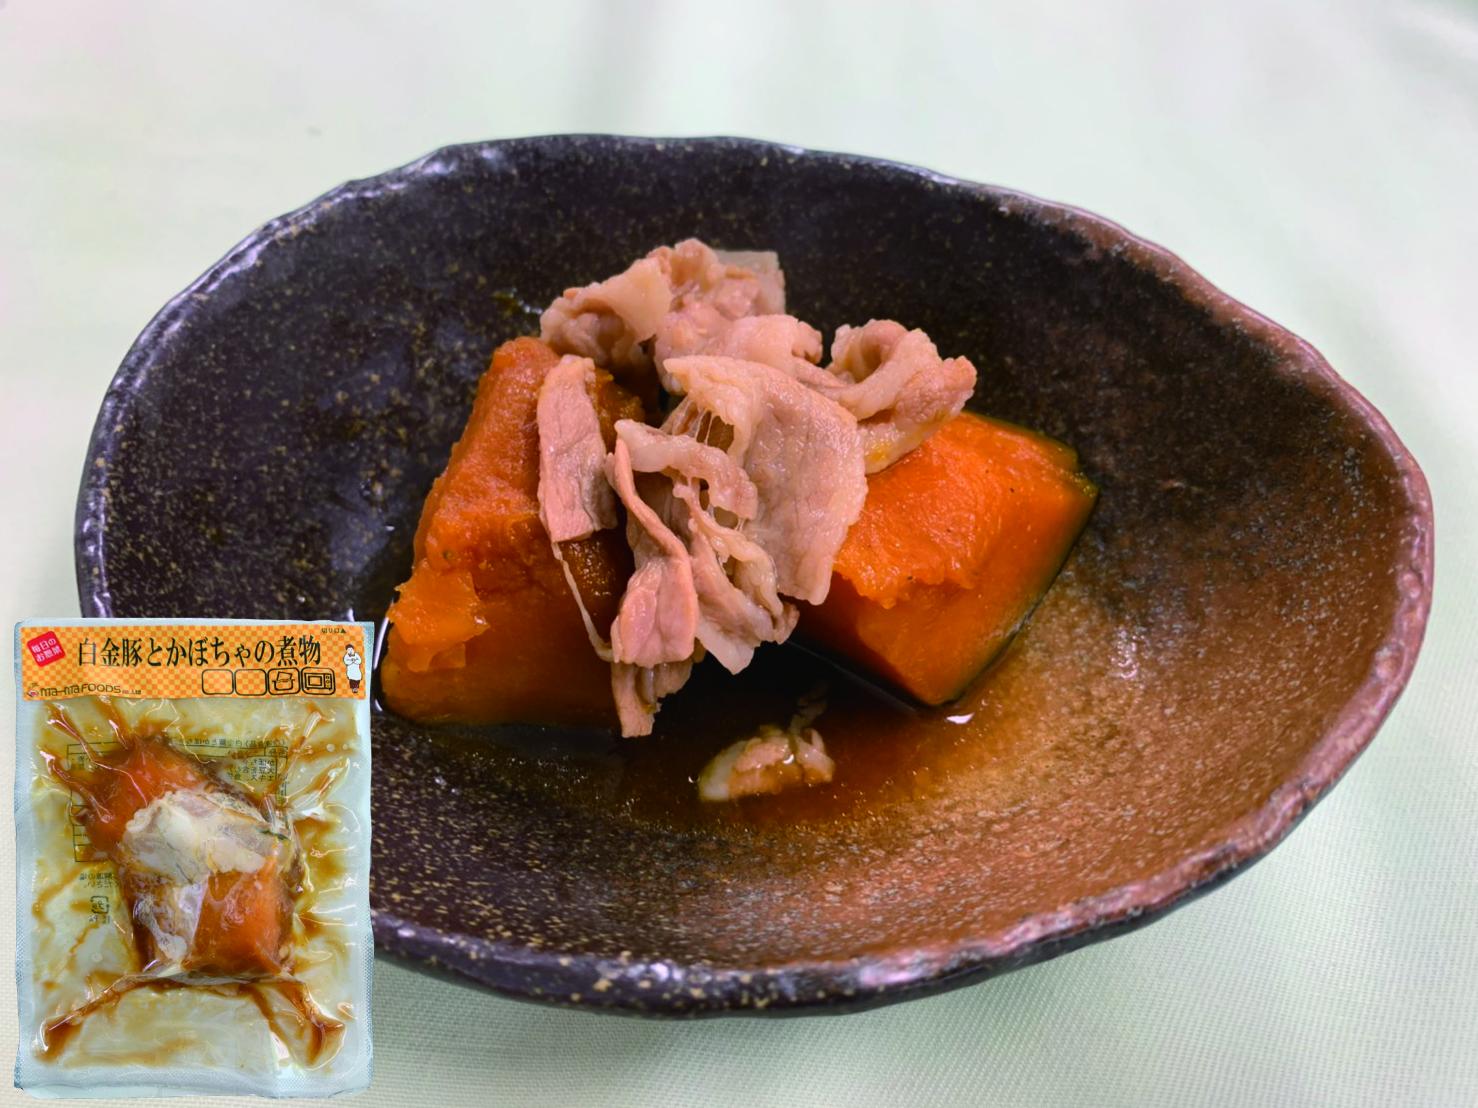 白金豚とかぼちゃの煮物